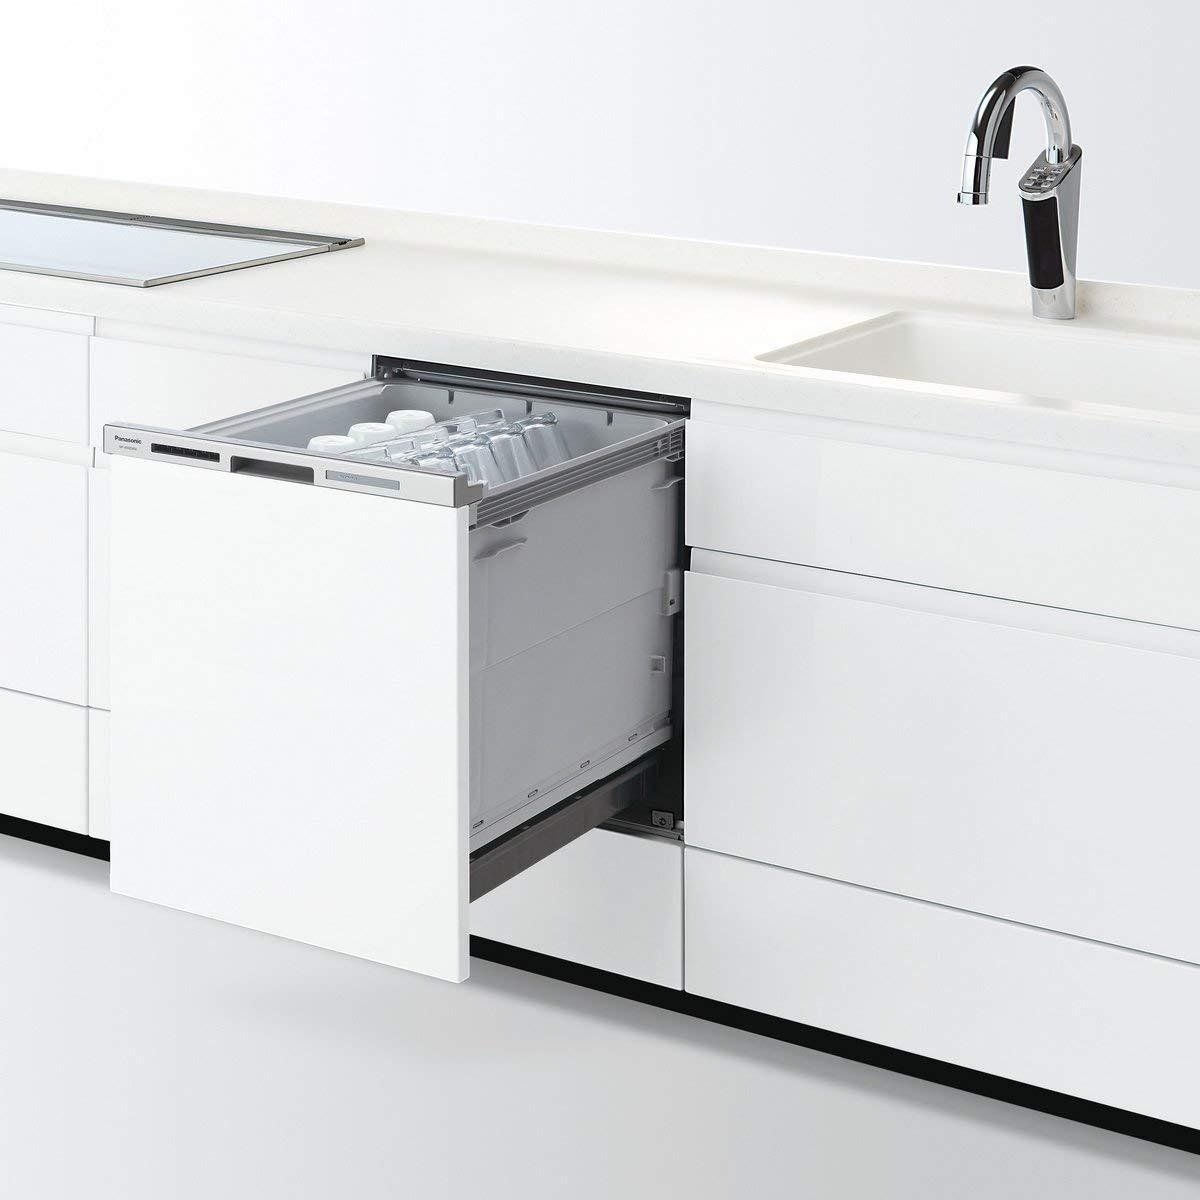 ビルトイン食器洗い乾燥機のおすすめ5選&選び方【2019年版】